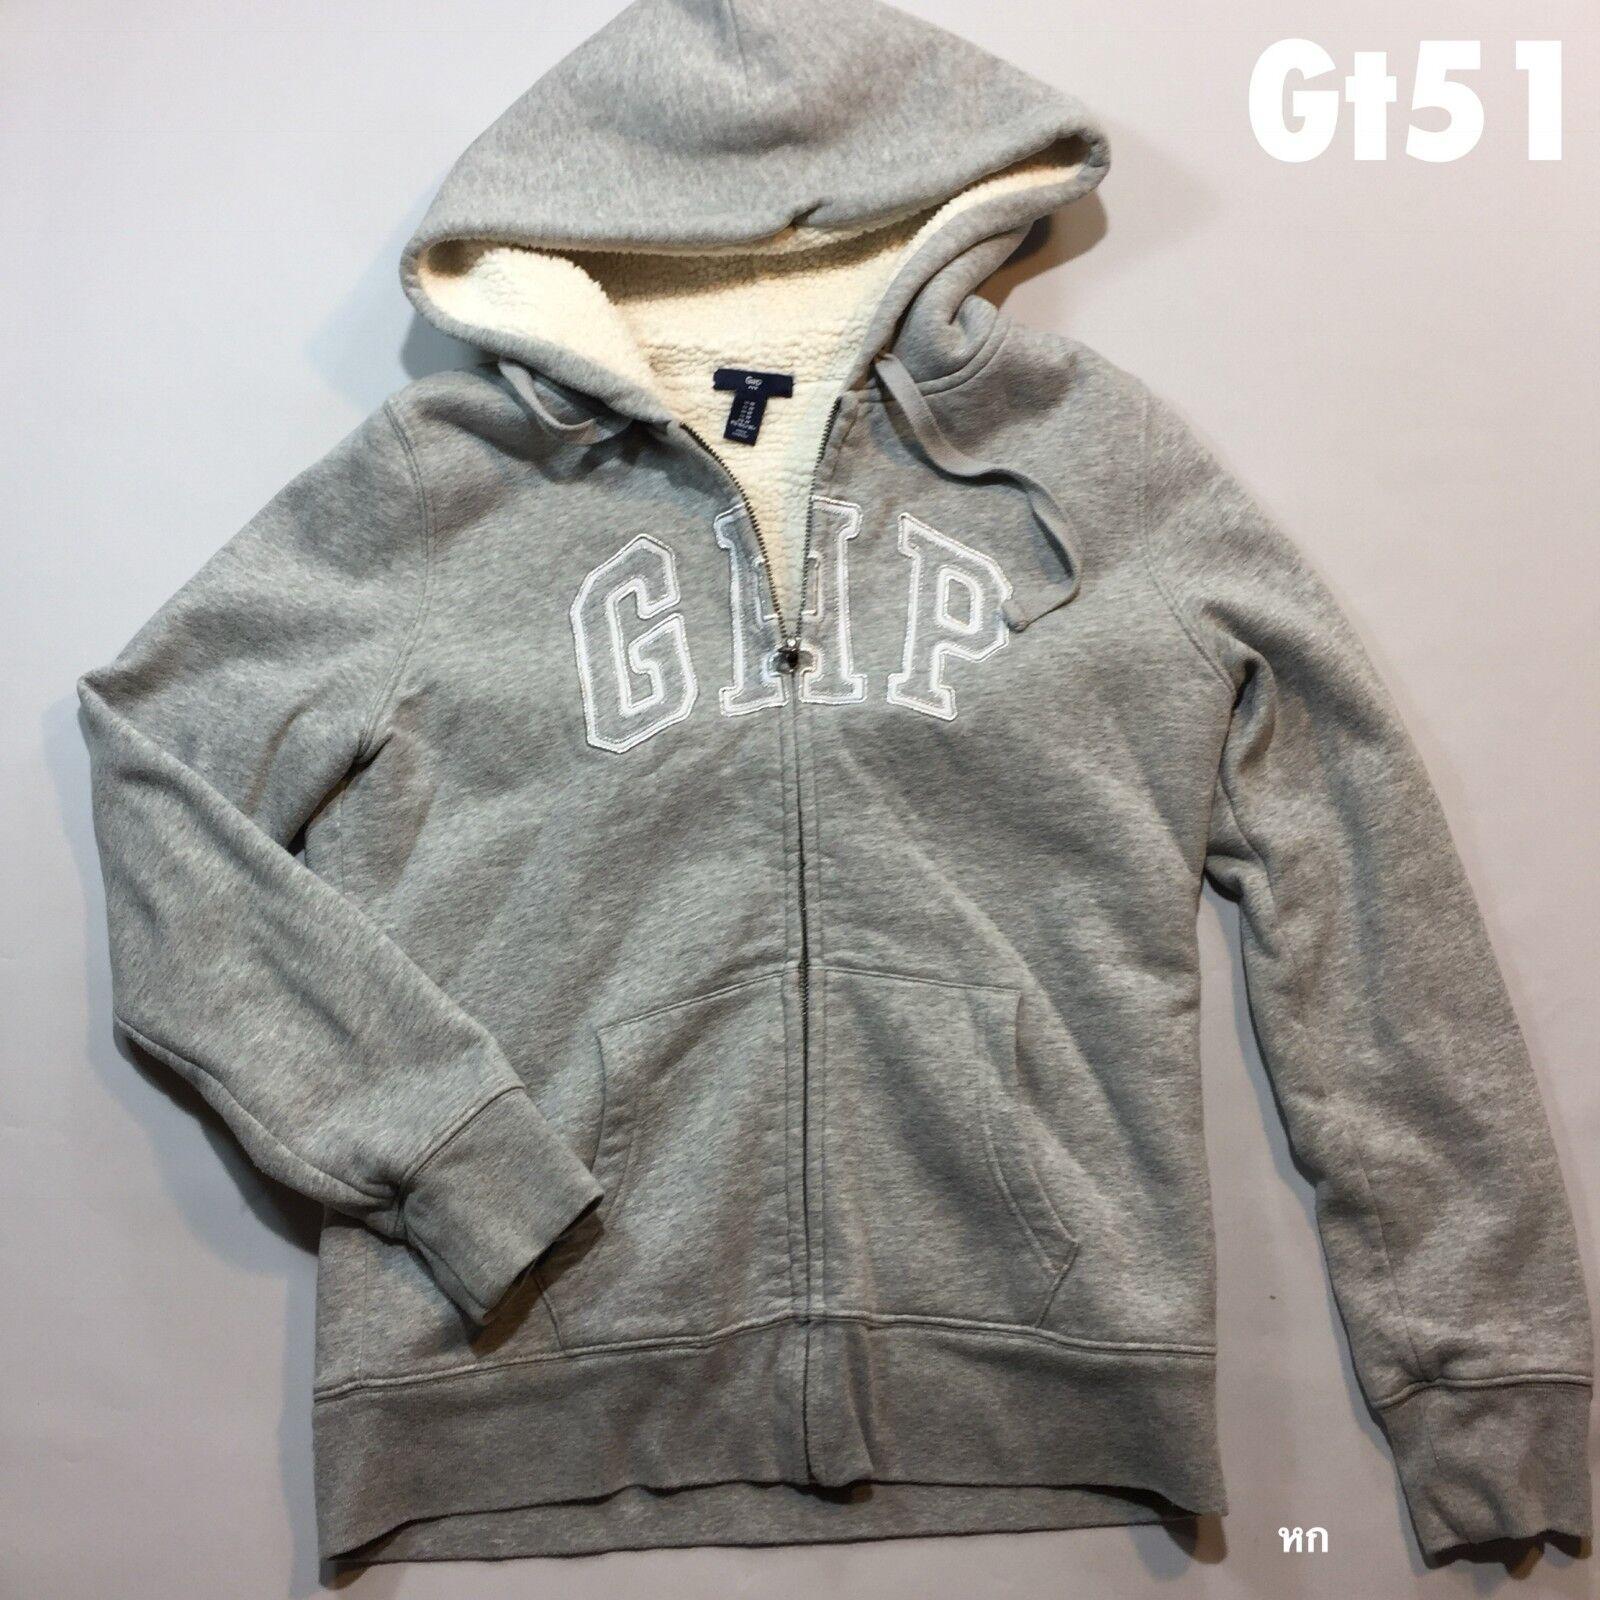 Gap Womens Zip Up Fleece Hoodie Top Size M P-P 20 Length 23